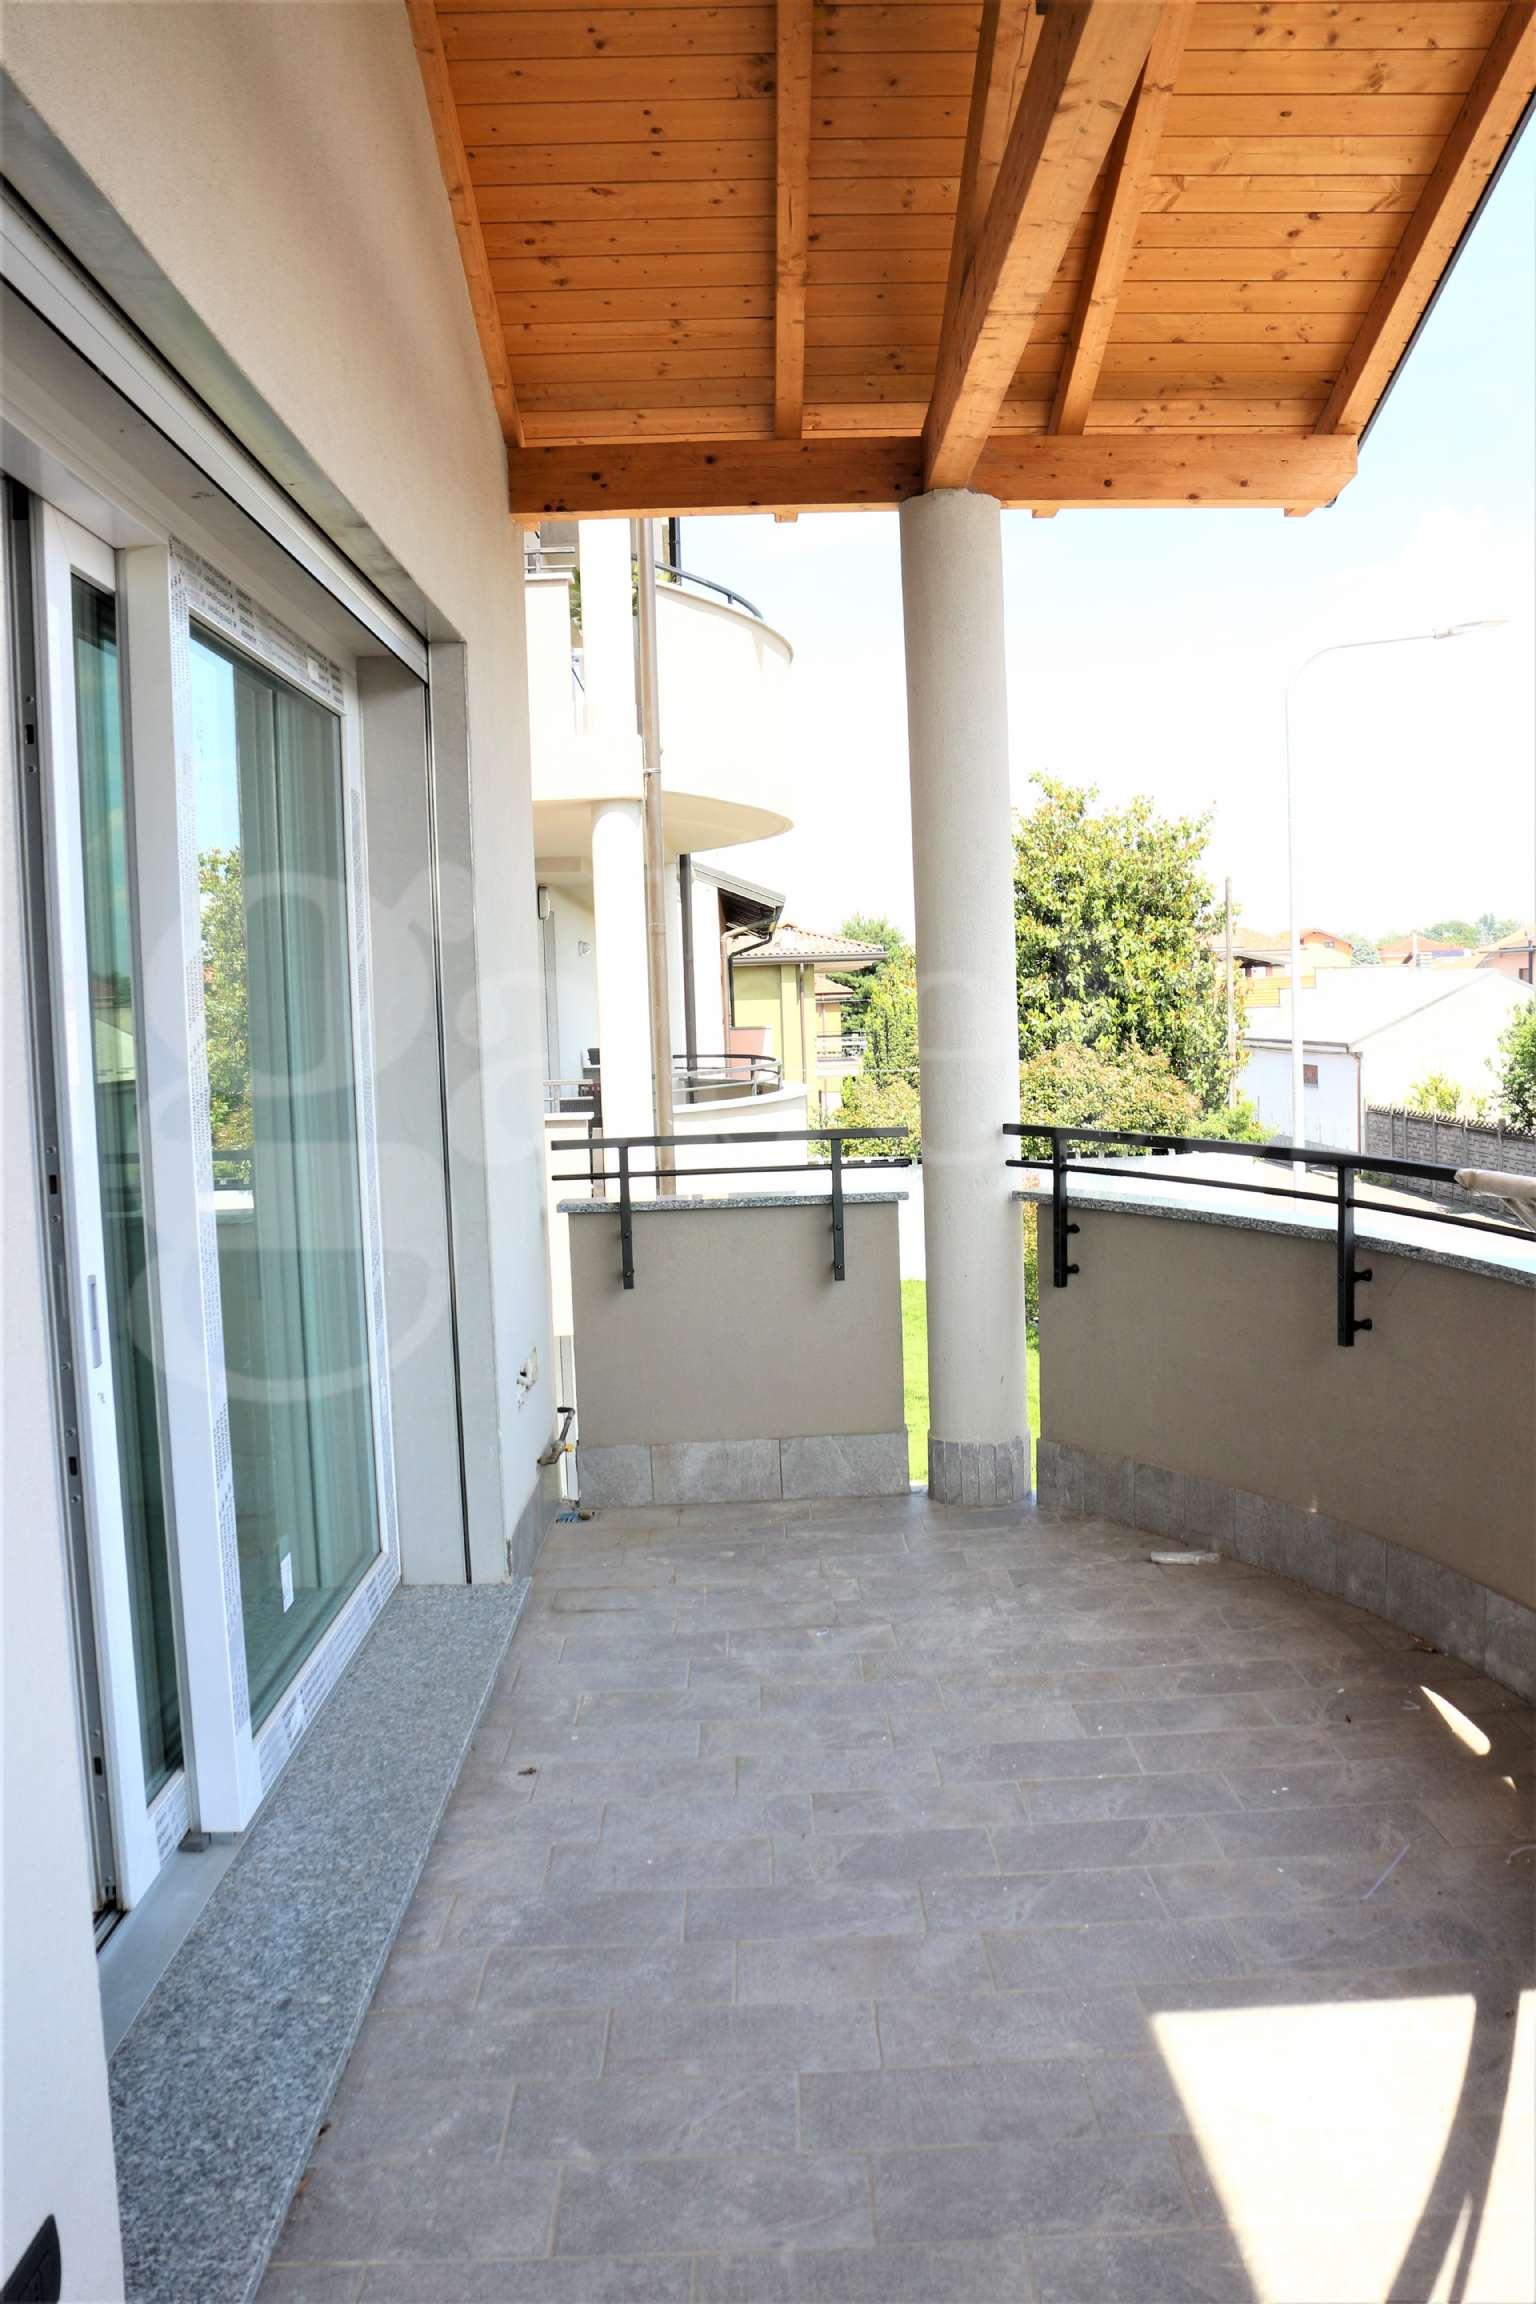 Appartamento in vendita a Dairago, 2 locali, prezzo € 122.000 | CambioCasa.it